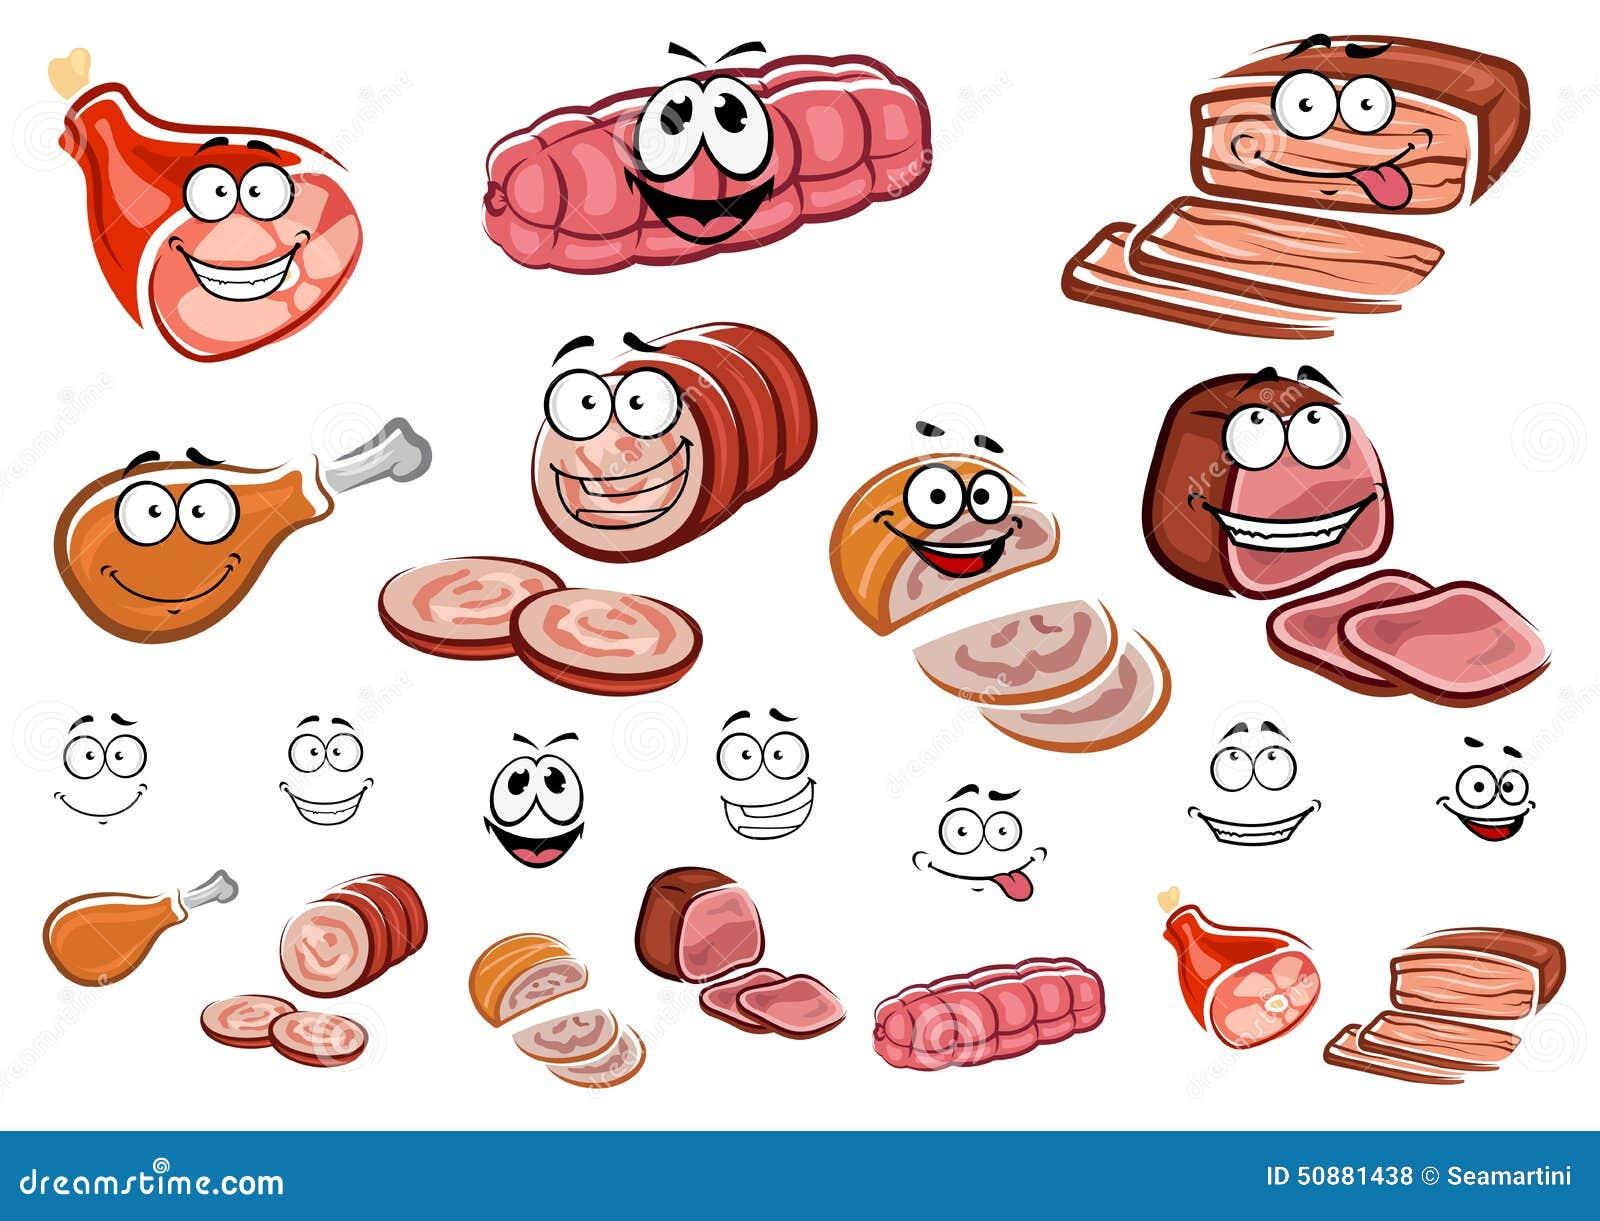 Character Design Progettazione Dei Personaggi Pdf : Salsiccie e personaggi dei cartoni animati della carne